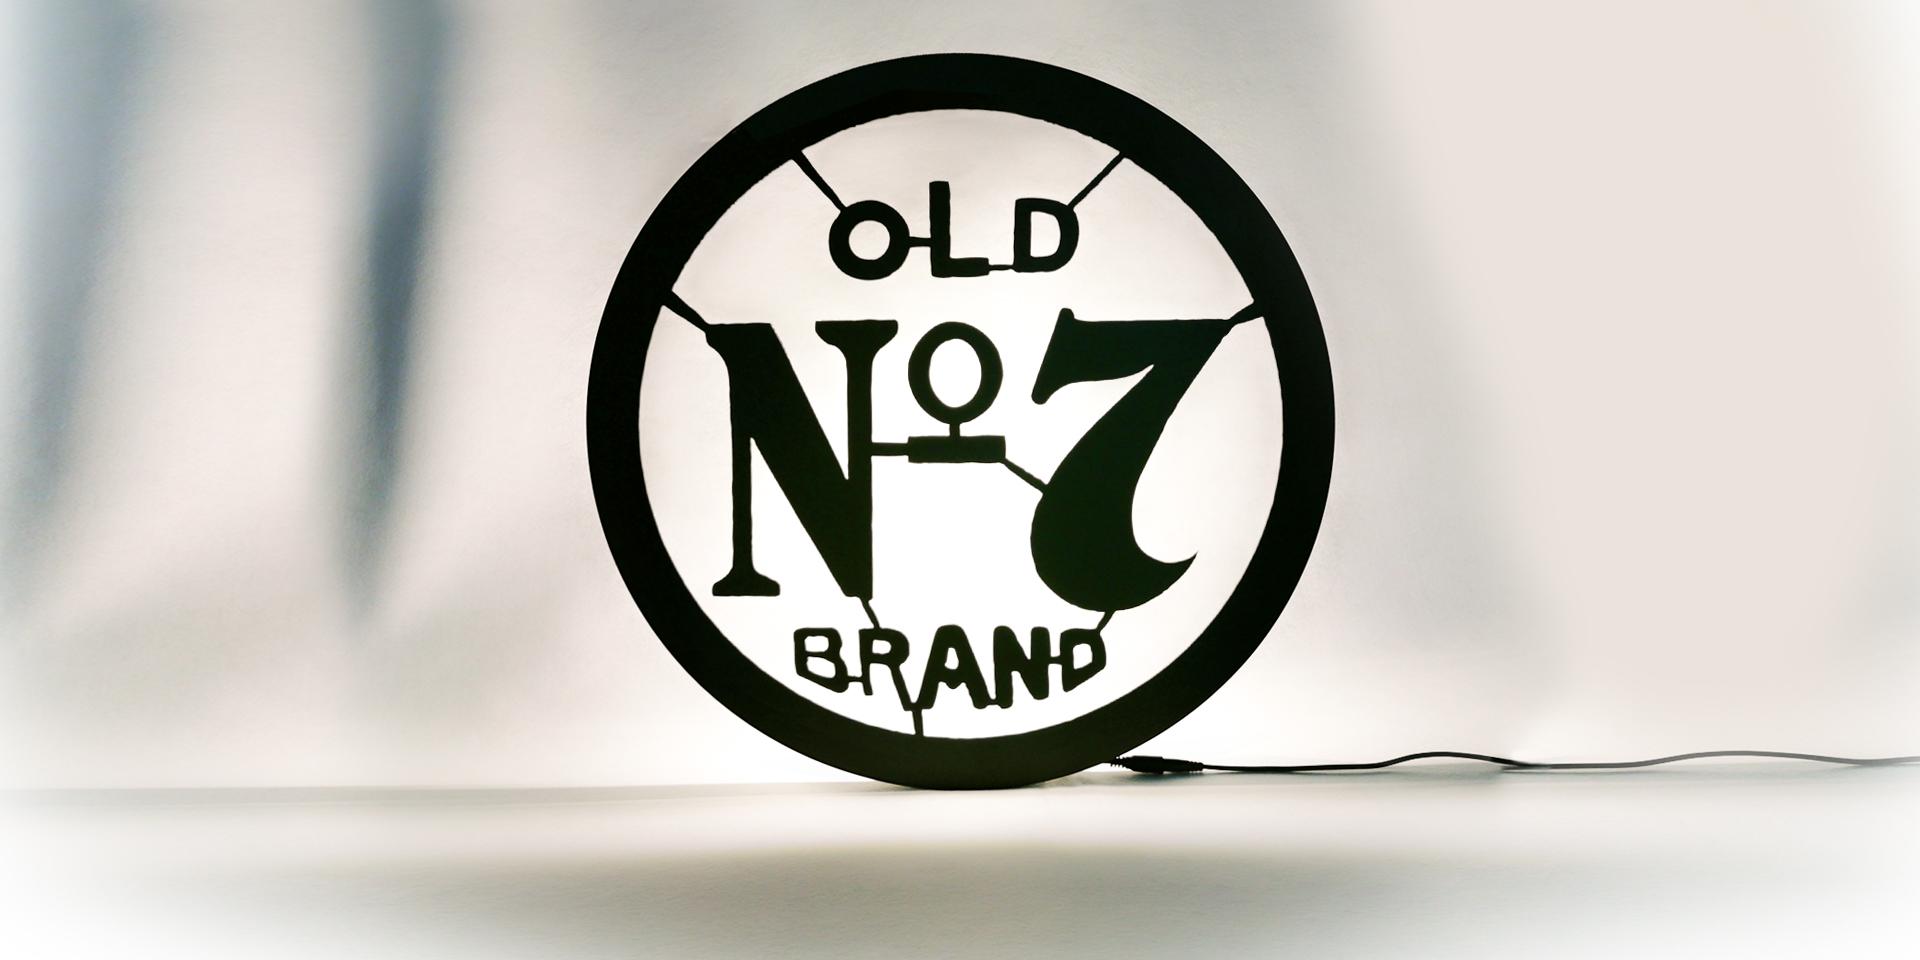 Jack Daniel's Old Nr 7 - Wandleuchte - Zweyloeven Werbeproduktion GmbH